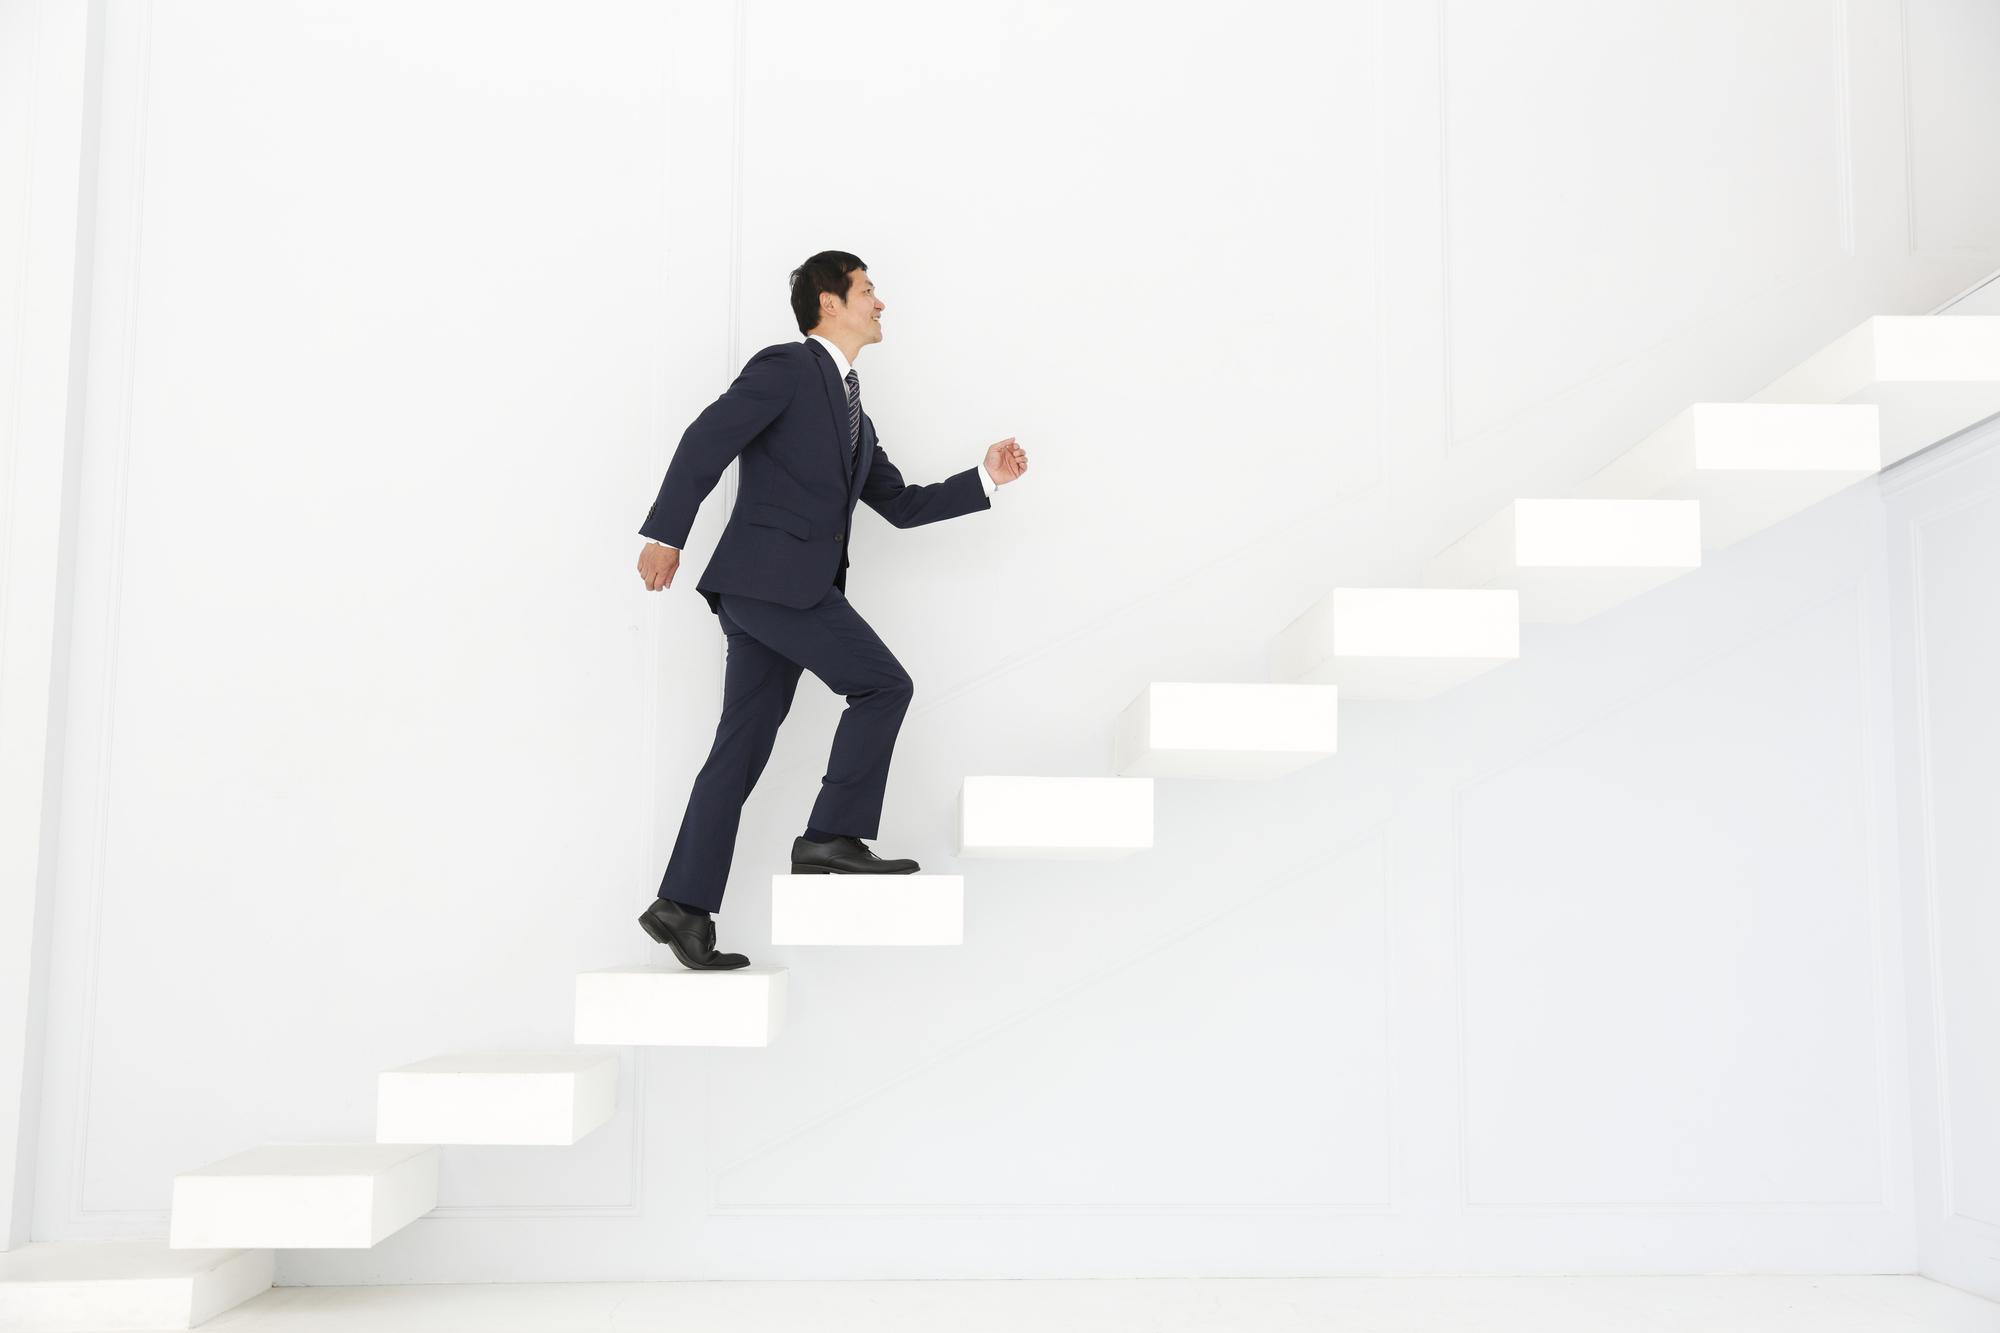 前の記事: 【例文あり】自己PRで努力家をアピールするために押さえておき